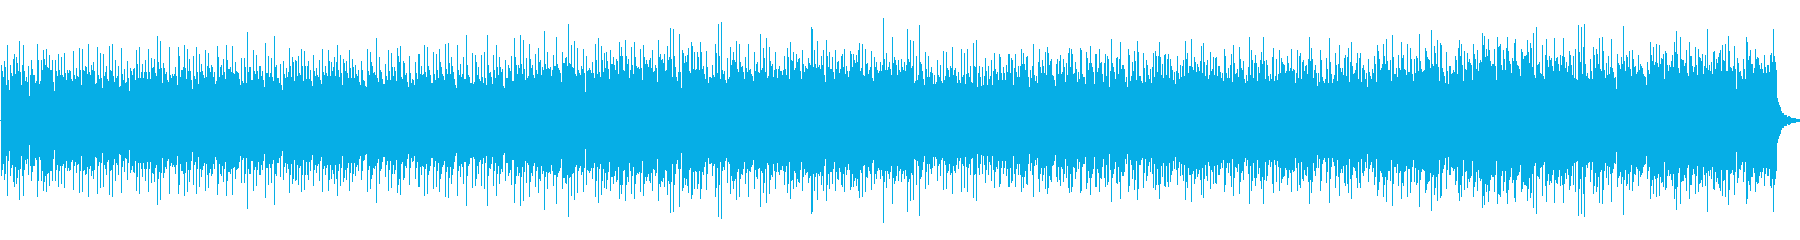 シンセとオーケストラのバトルBGMの再生済みの波形